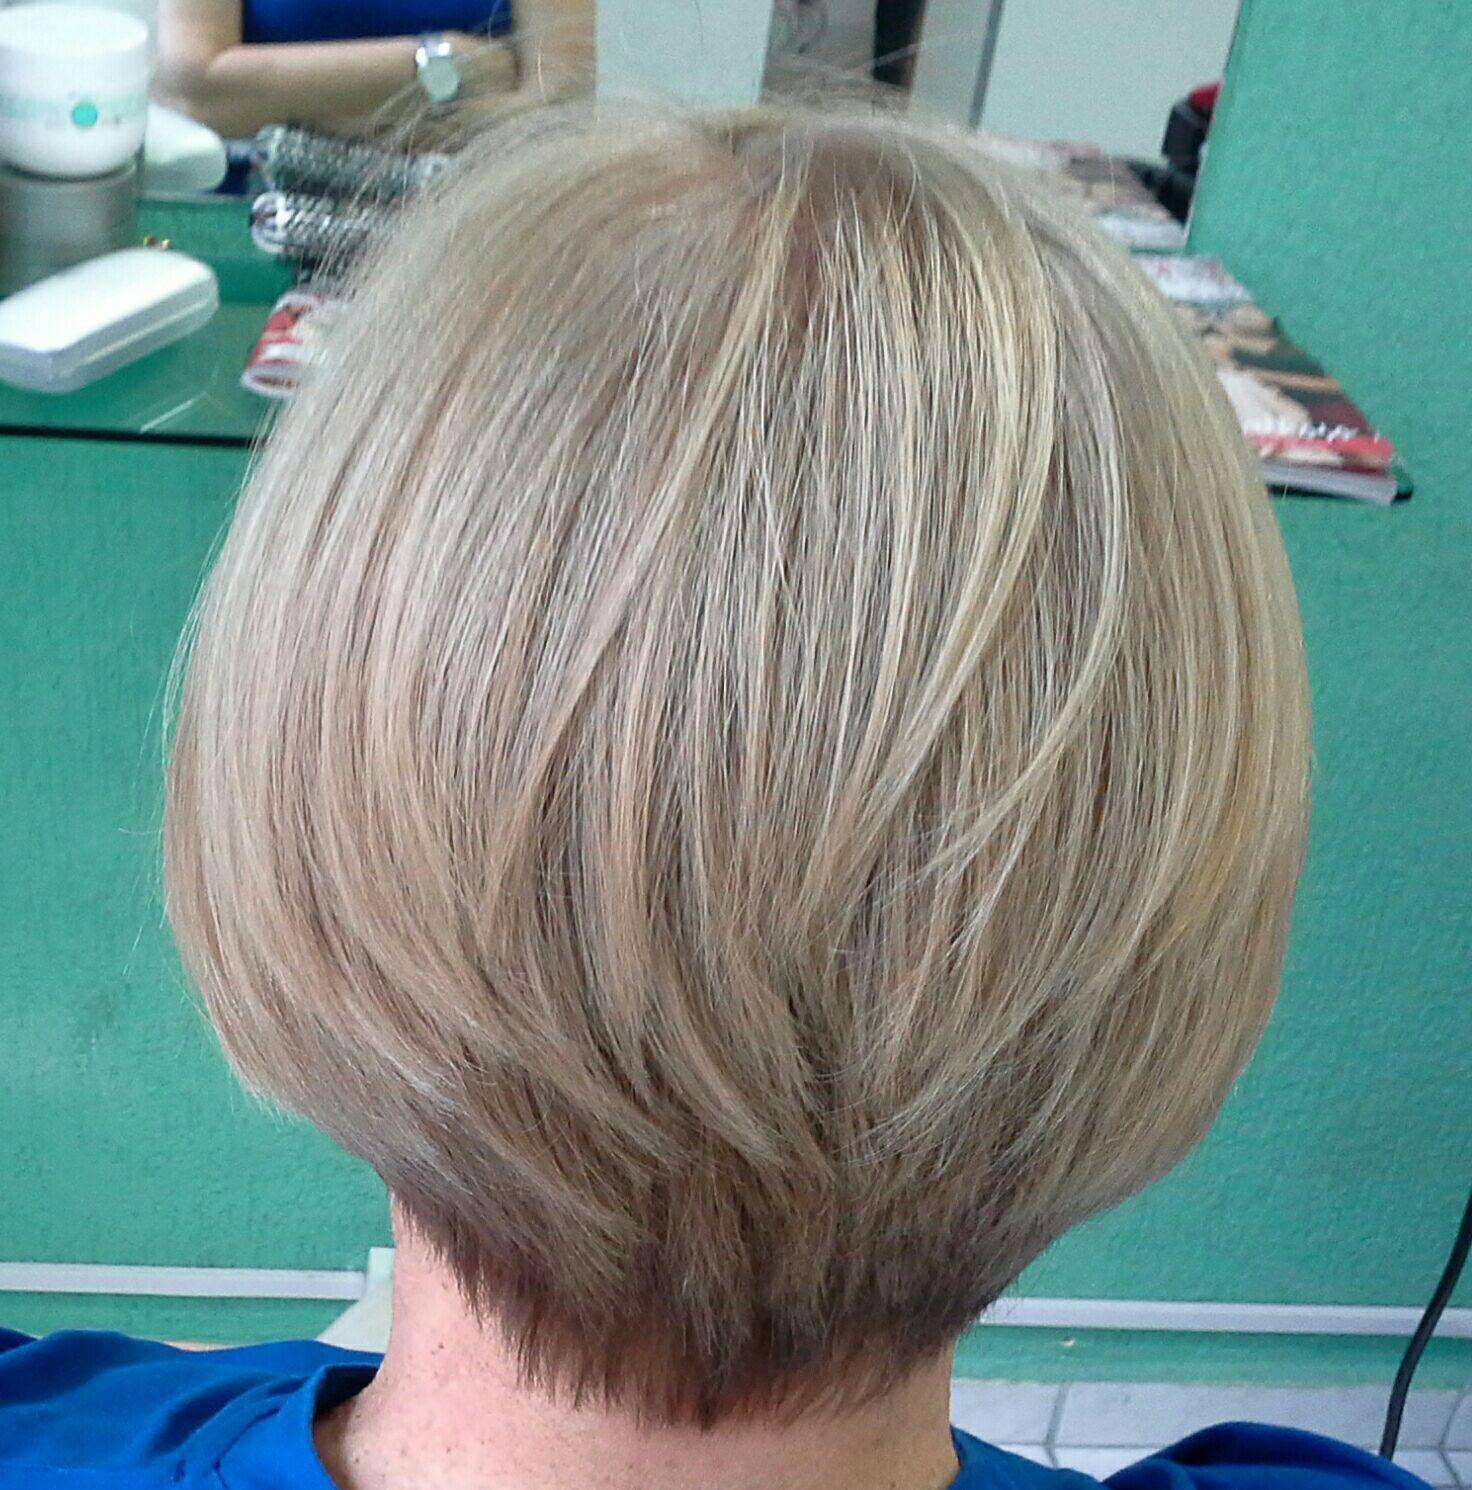 Corte  curto  Veravisagista, cabelereira  São Paulo cabelo stylist / visagista cabeleireiro(a)